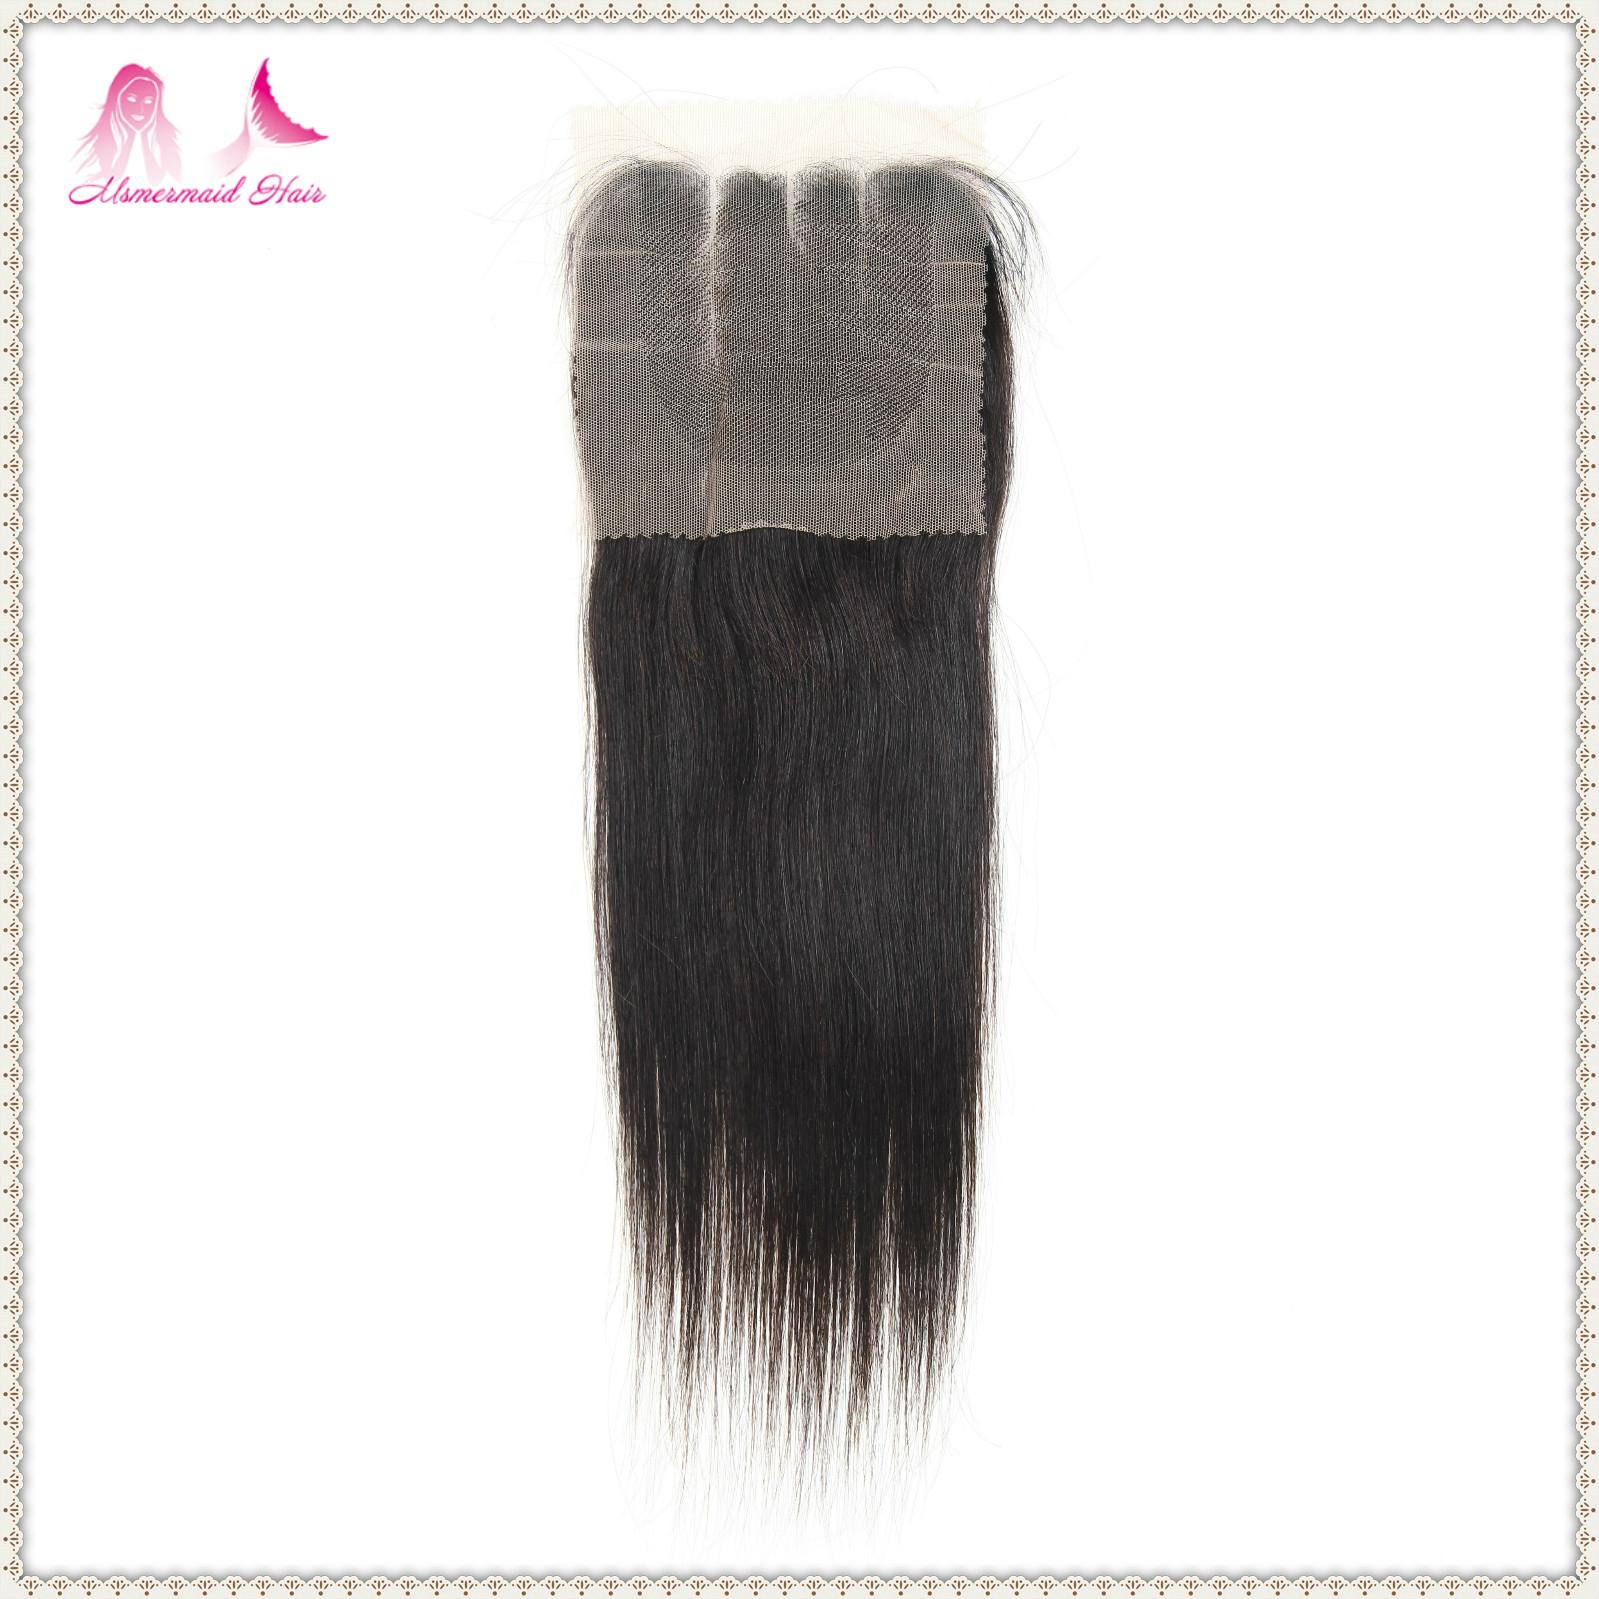 cheap virgin human hair 4*4 lace closure straight hair  2